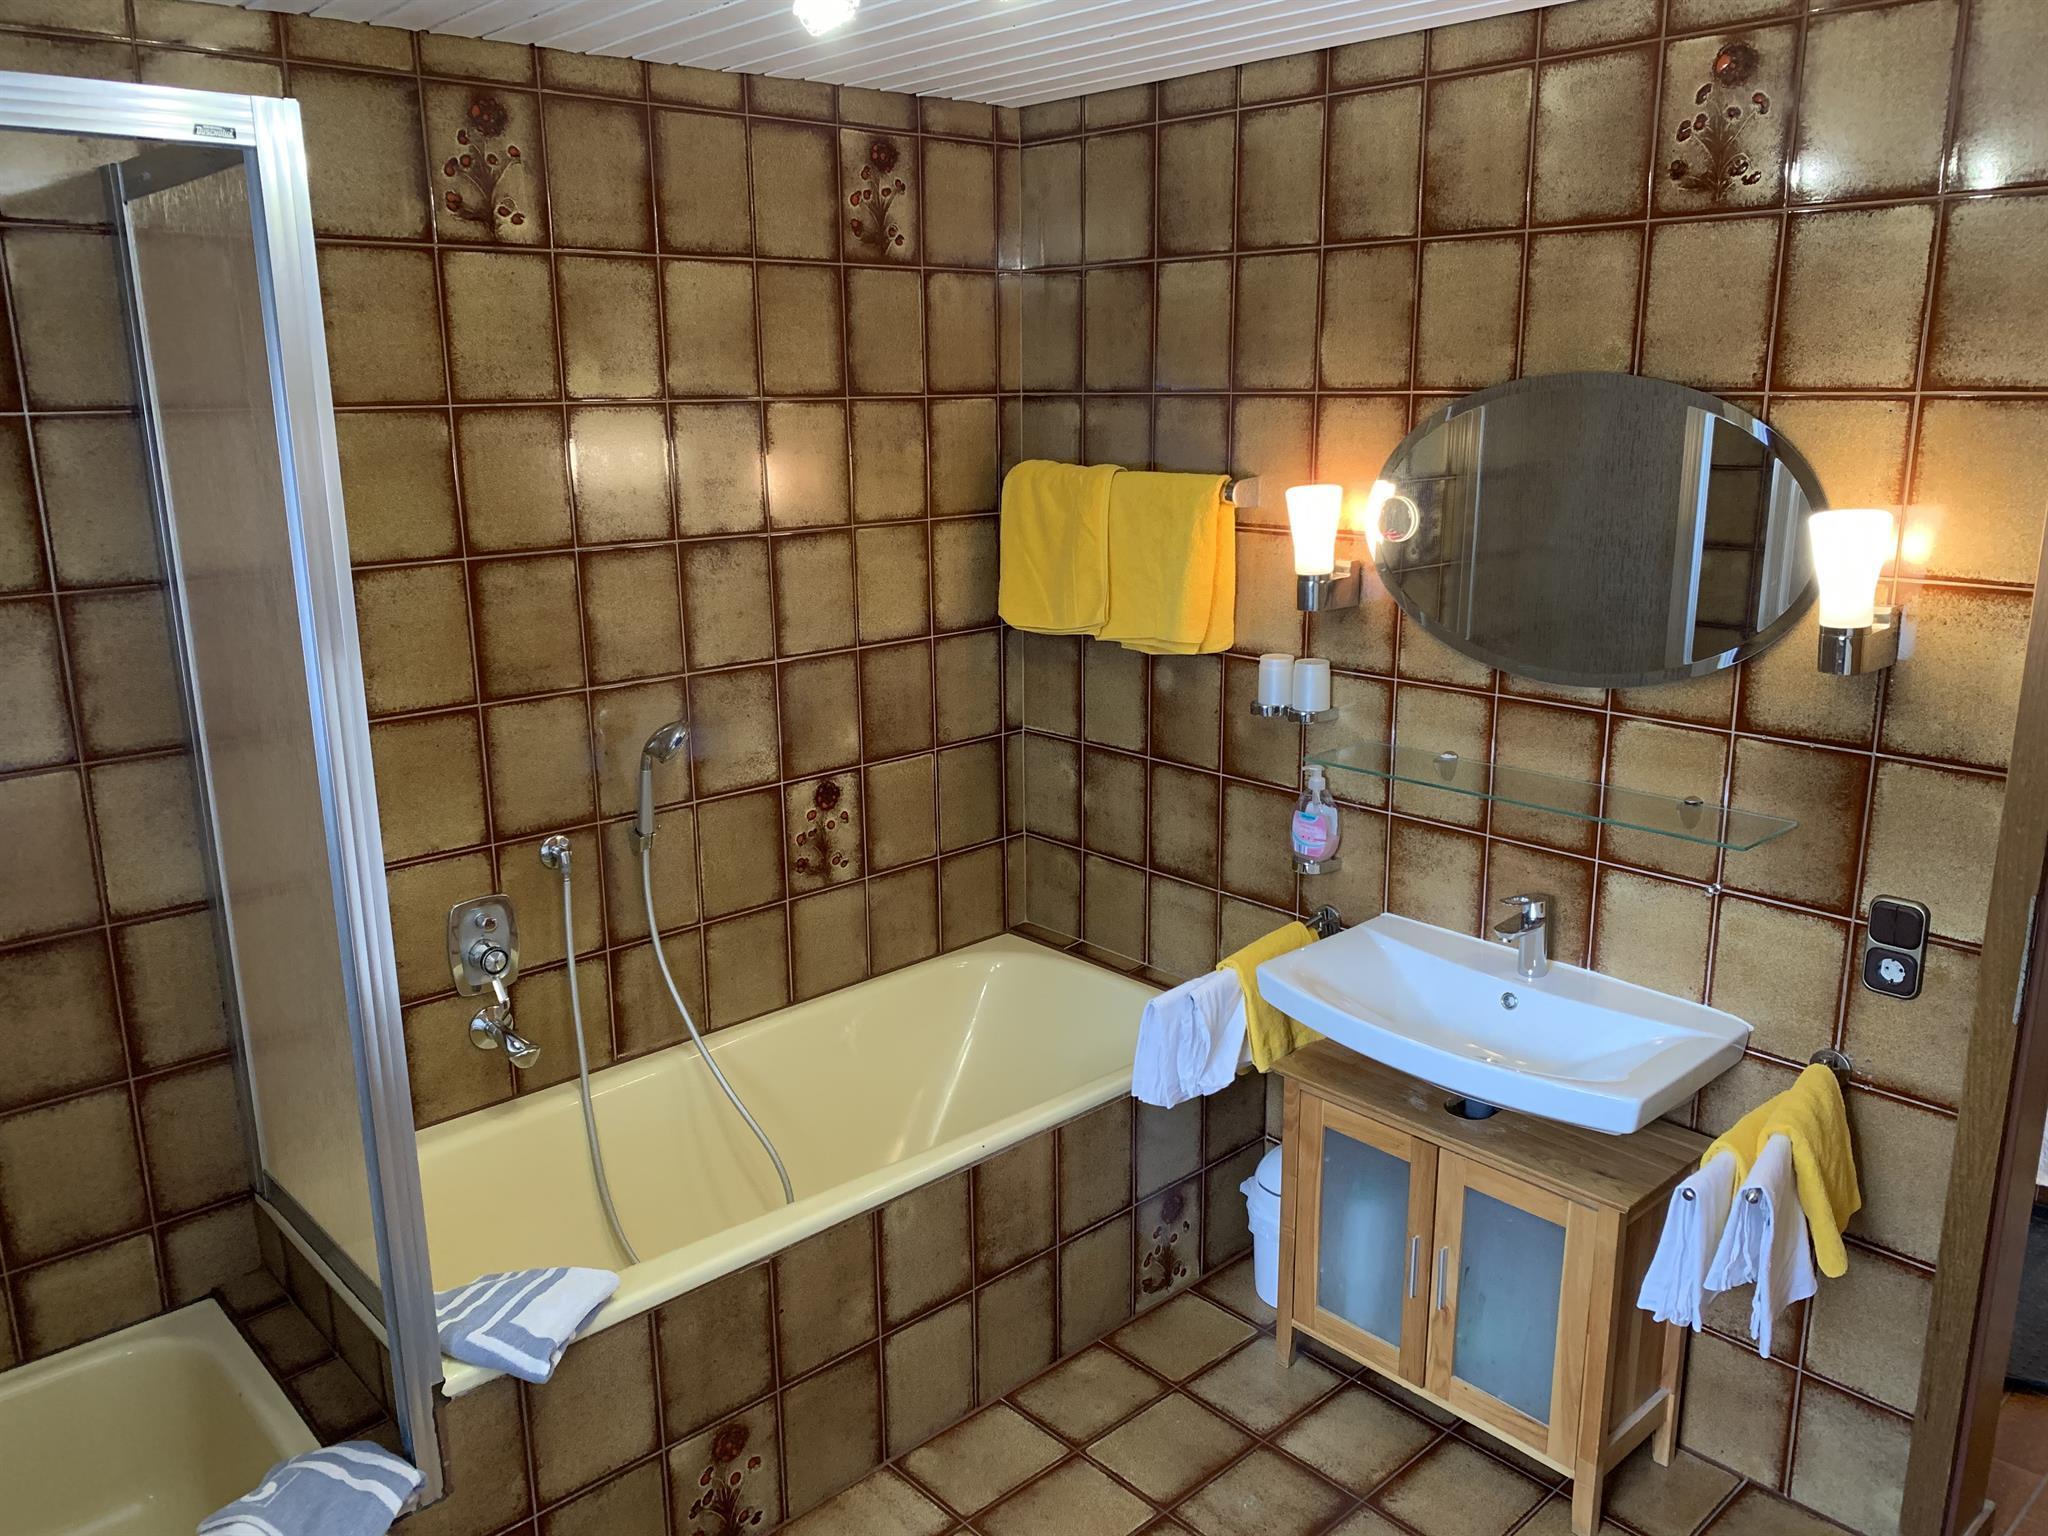 Appartement de vacances Alpenstern - Familie Weitenauer Appartment - 2 Schlafräume  DU/BAD/WC  EG (817407), Riezlern (AT), Kleinwalsertal, Vorarlberg, Autriche, image 43